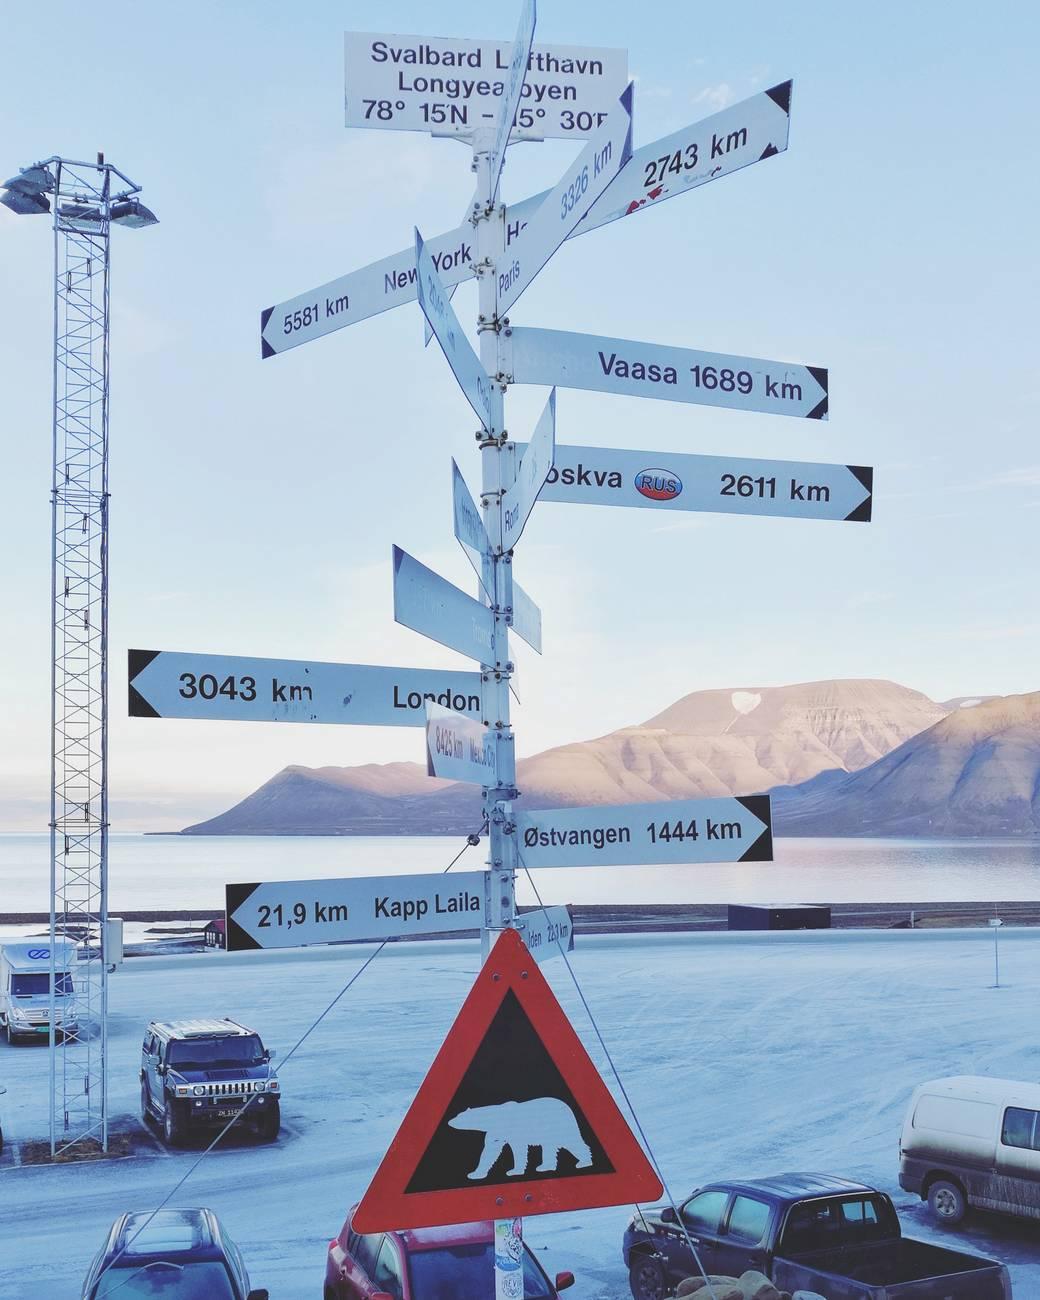 longyearbyen-spitzberg